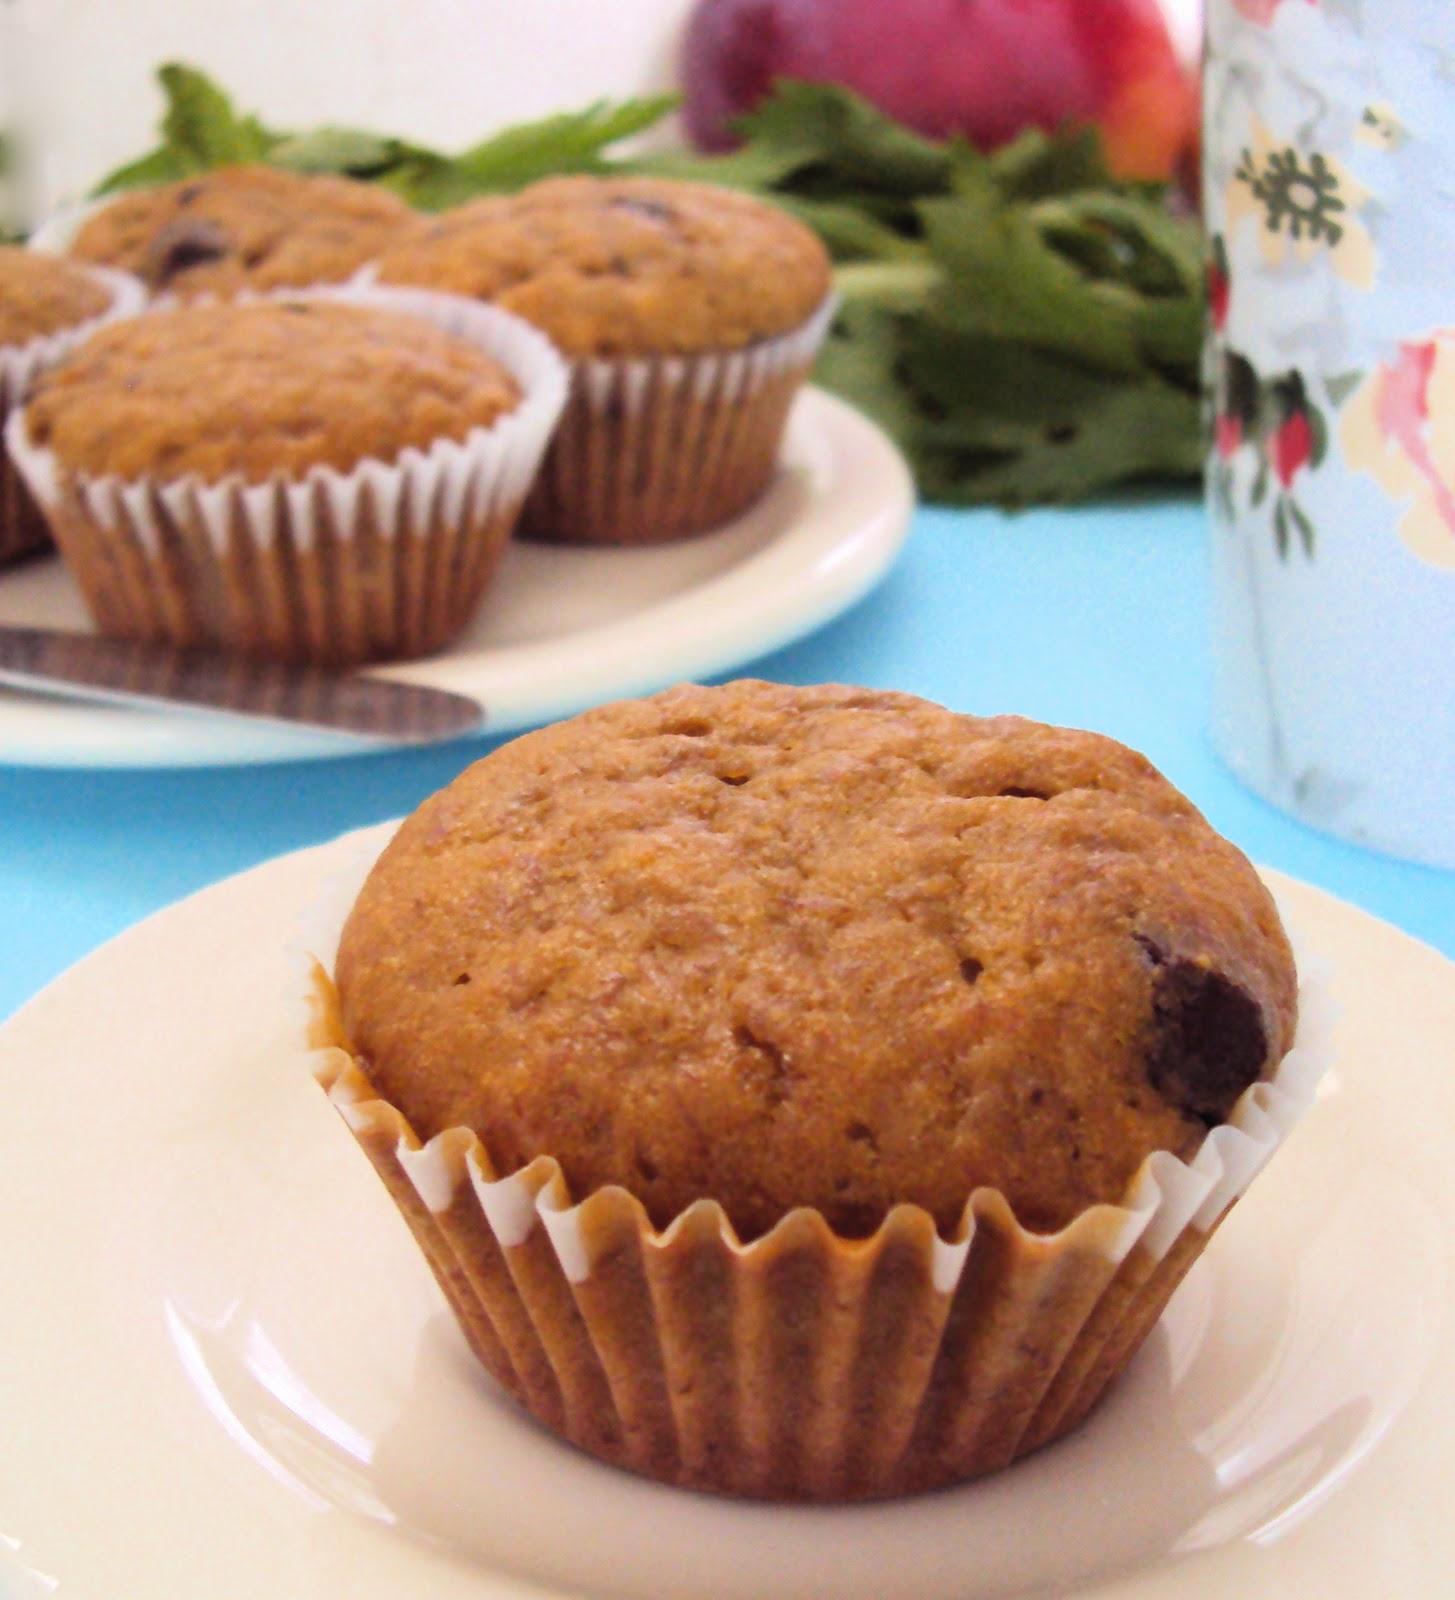 Muffin de plátano sobre plato blanco